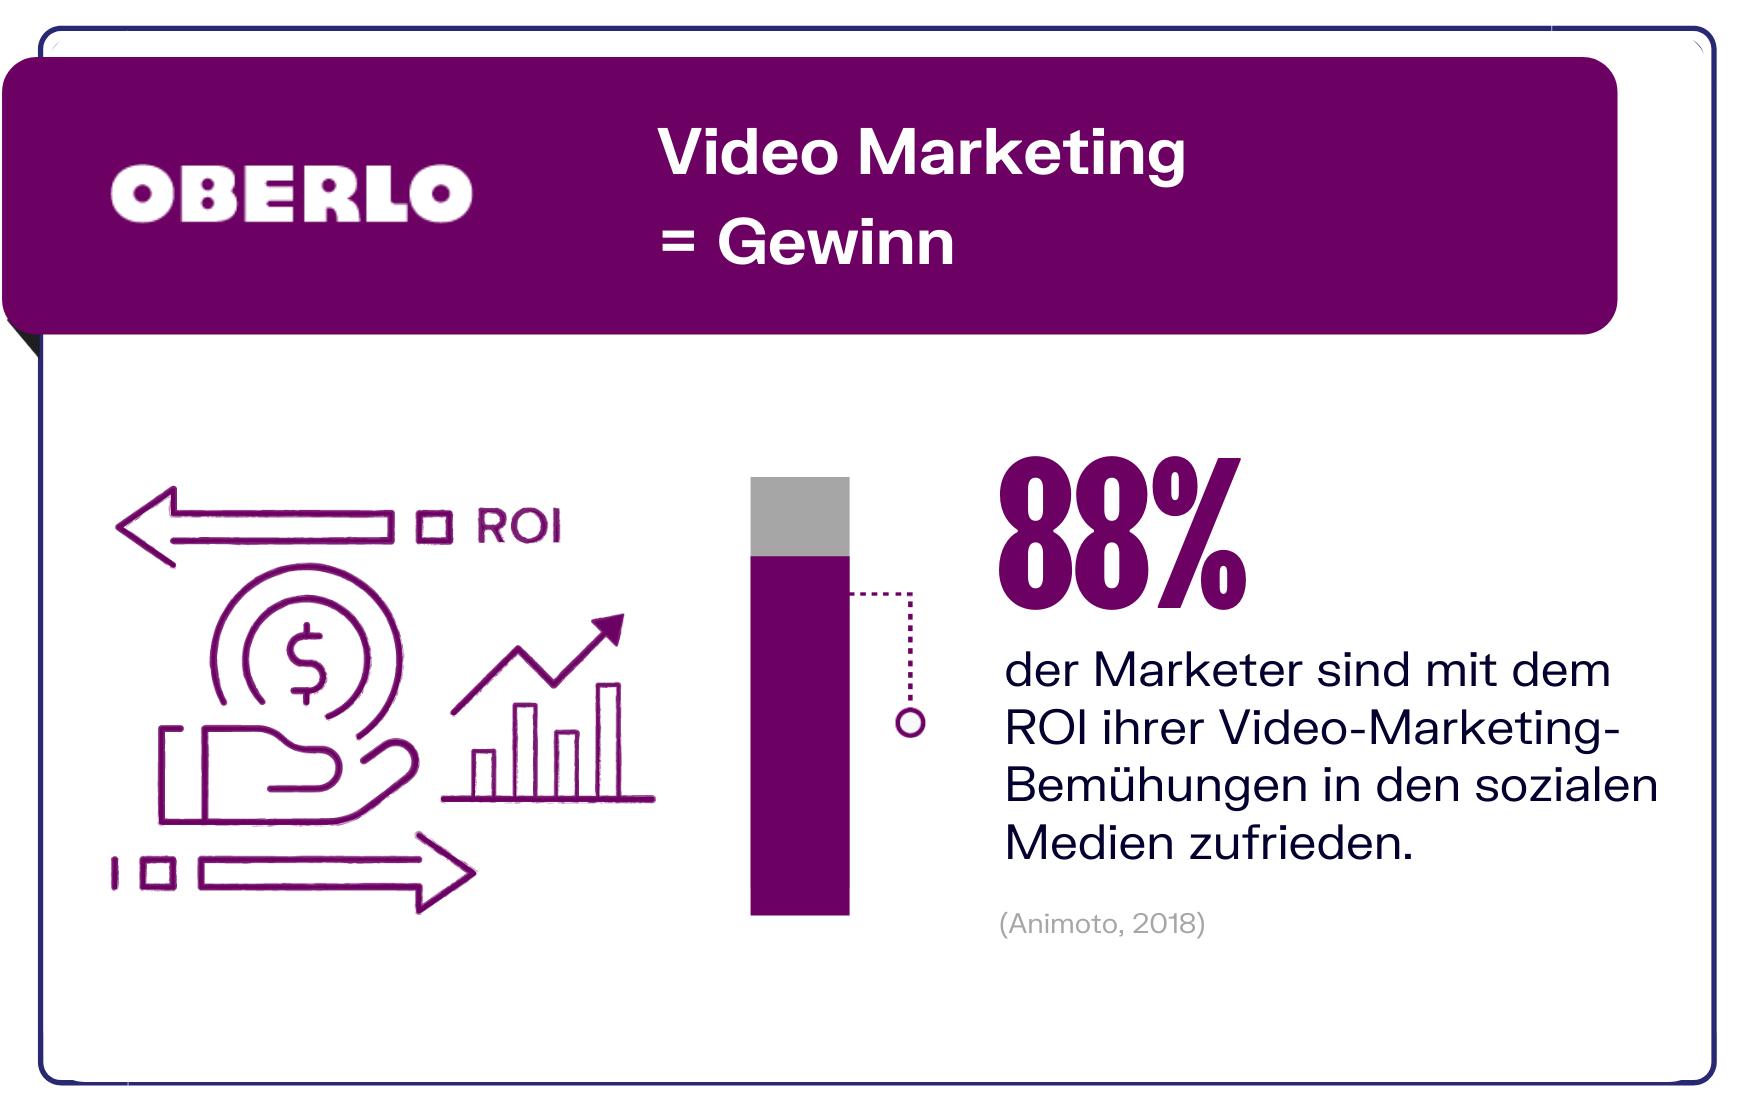 Video Marketing und der ROI